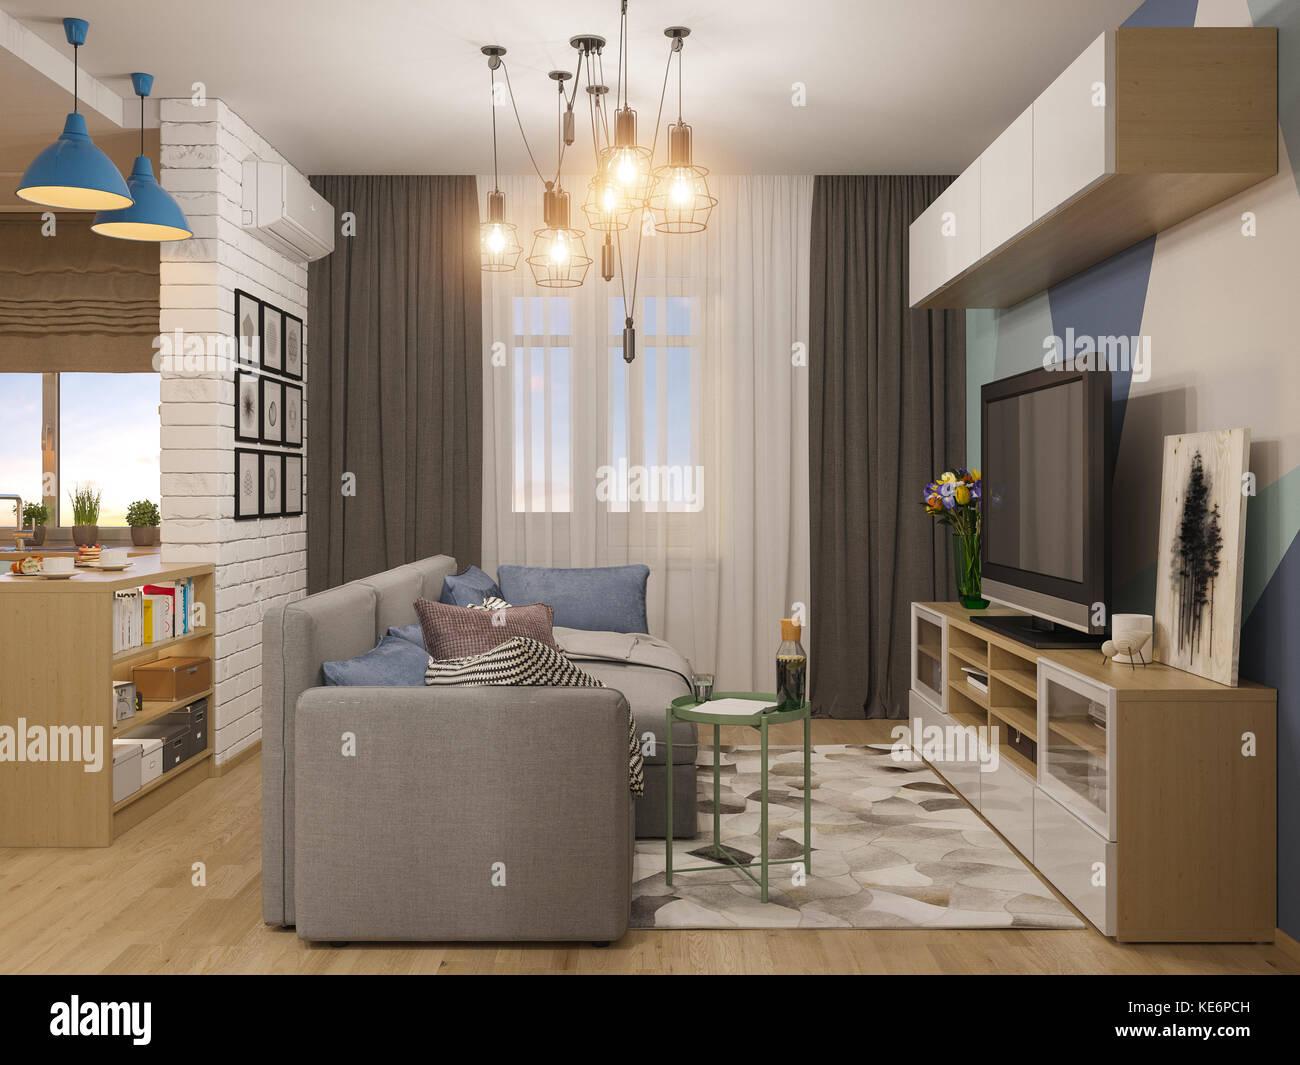 D abbildung wohnzimmer und küche interieur studio apartment in